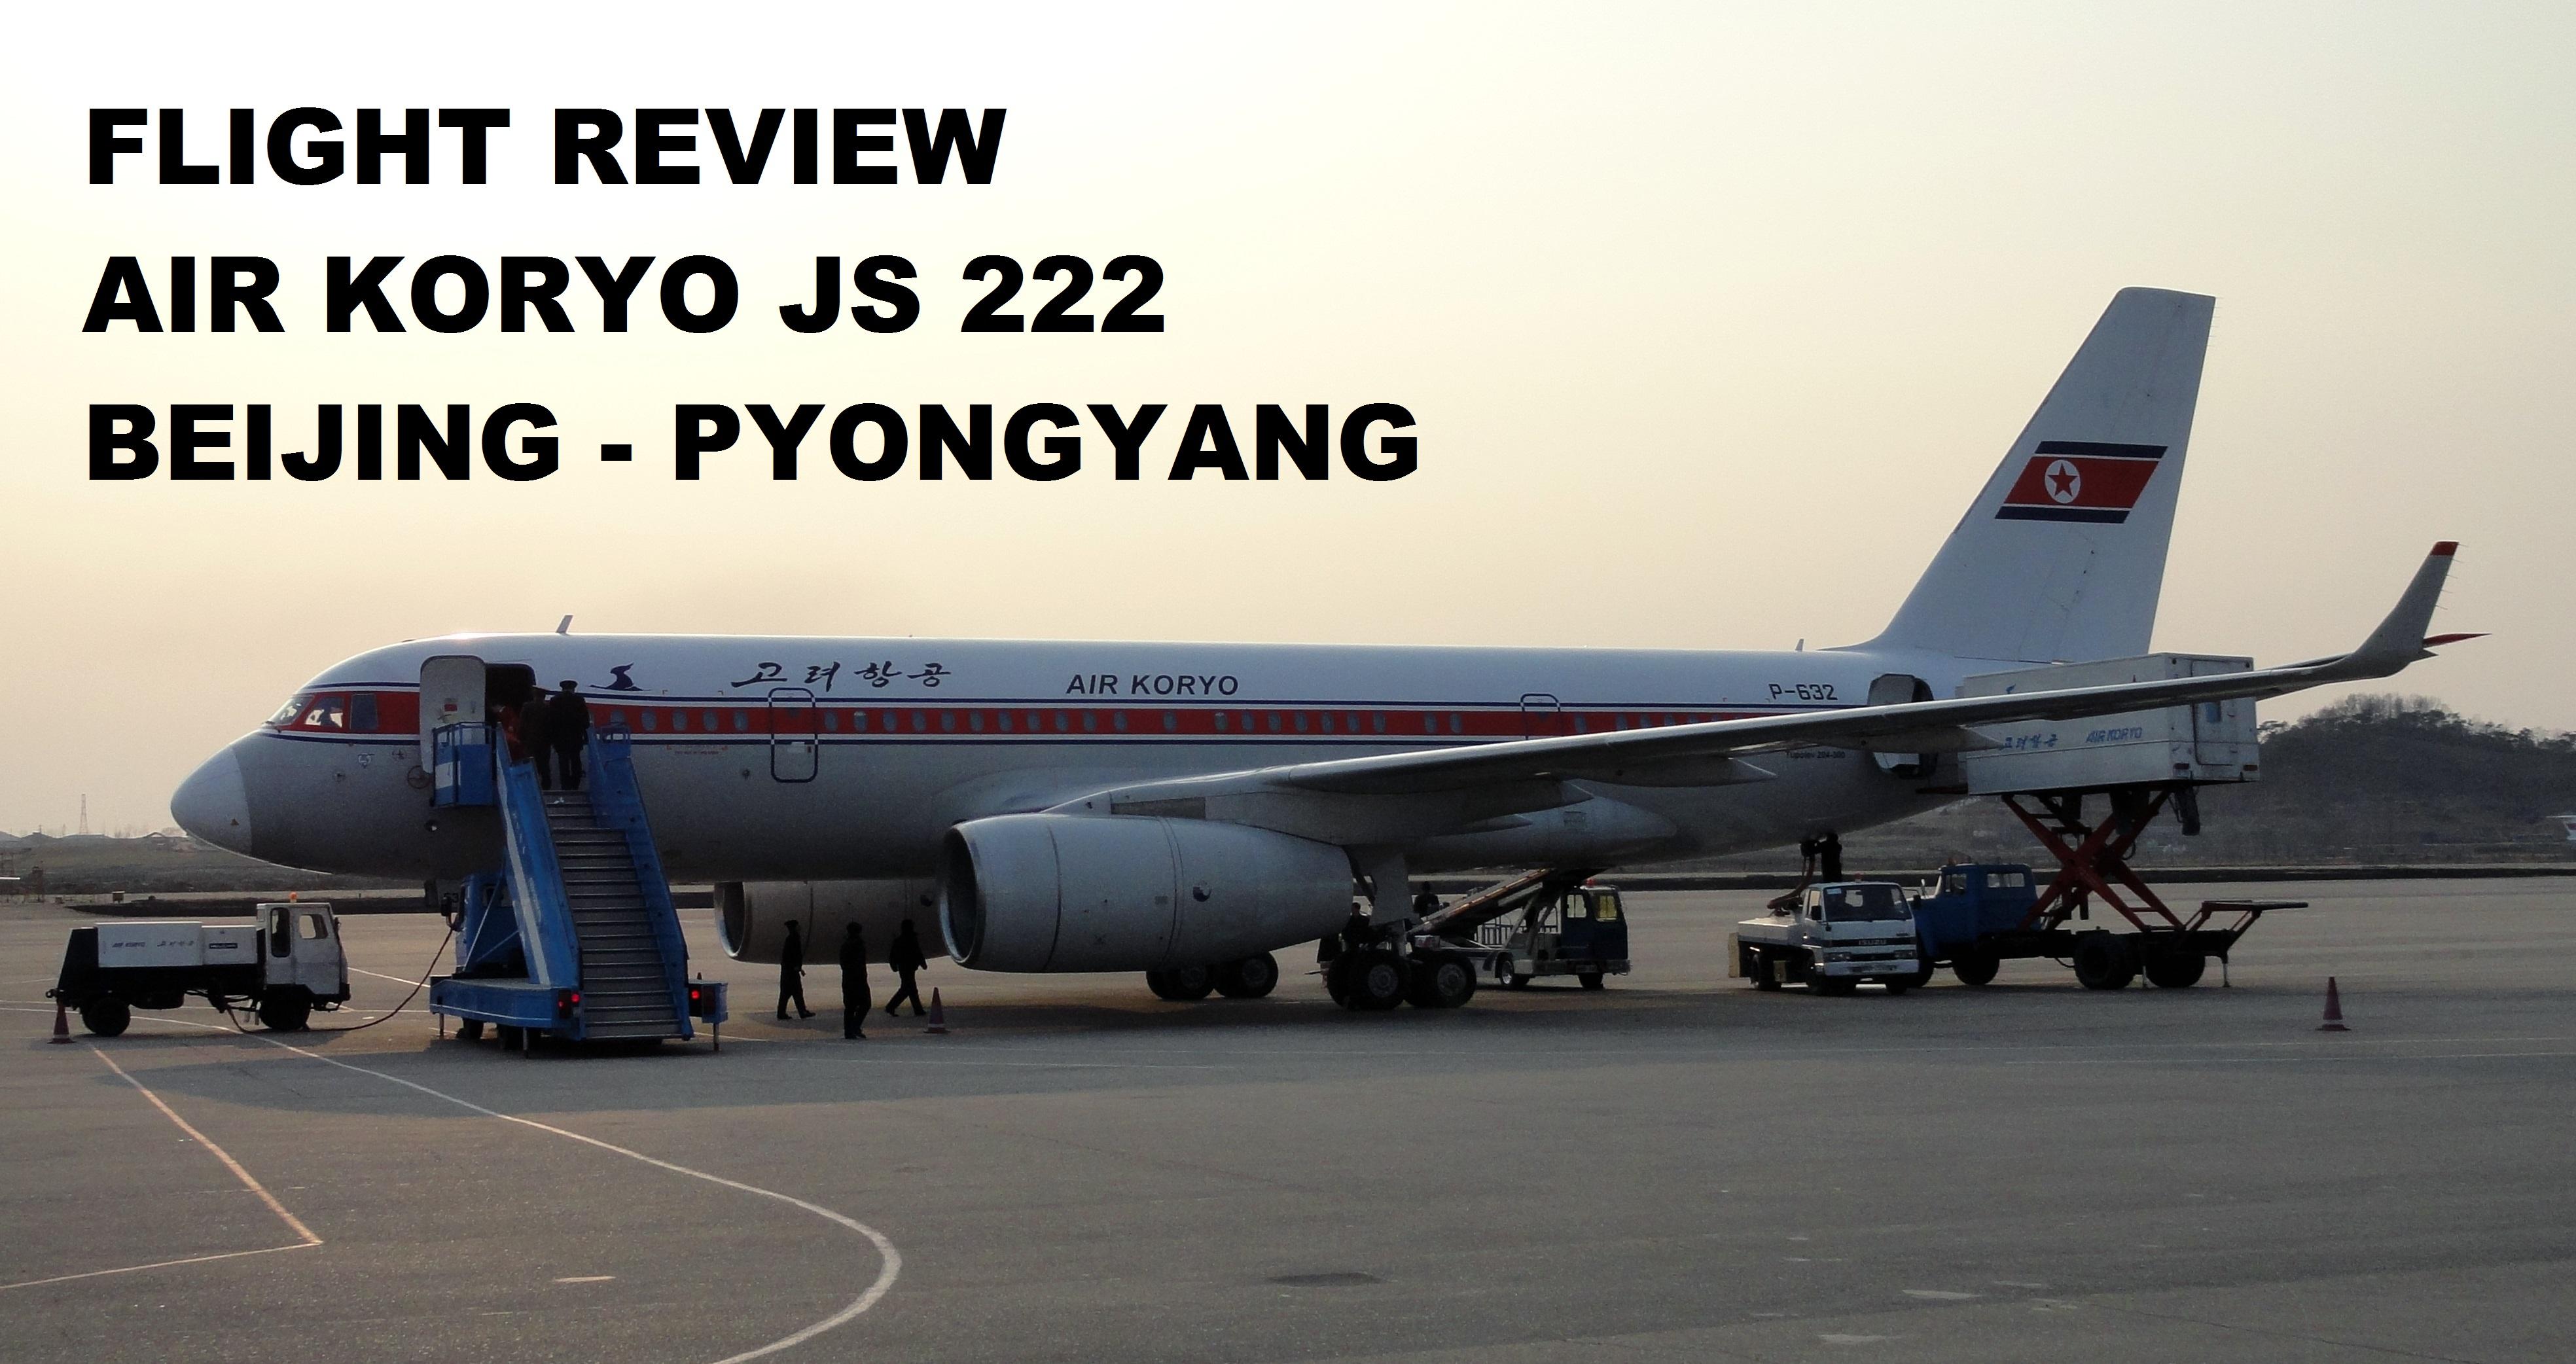 Air Koryo Jet At Pyongyang Book Review Ask North Korean